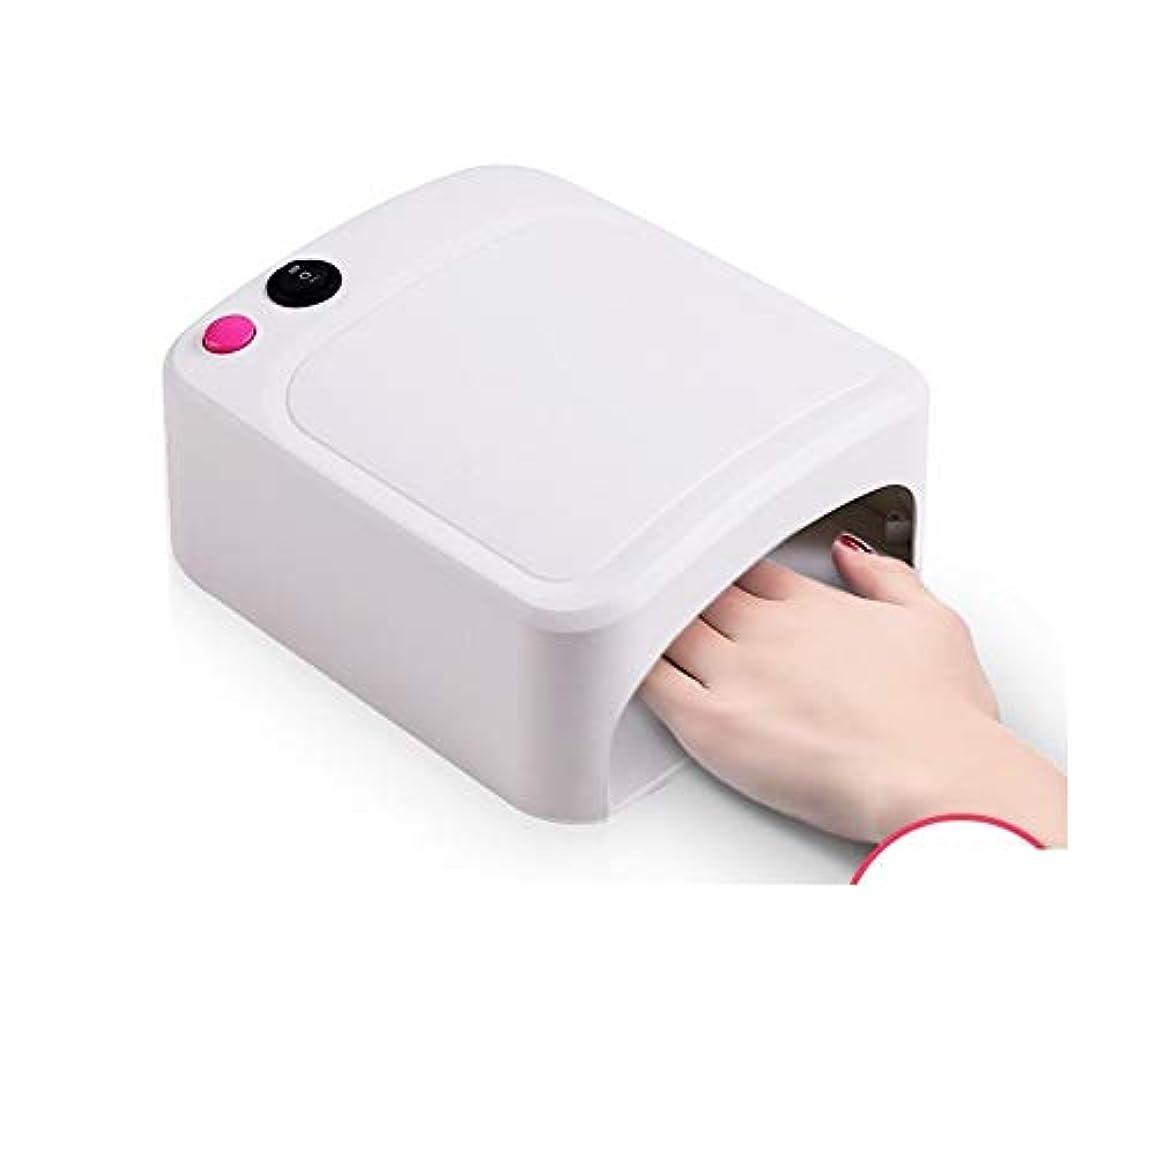 石鹸乗って滅びるLittleCat 米国の規制110VフラットプラグネイルUVランプ36WライトセラピーマシンネイルネイルドライヤーUVランプヒートランプ (色 : White)